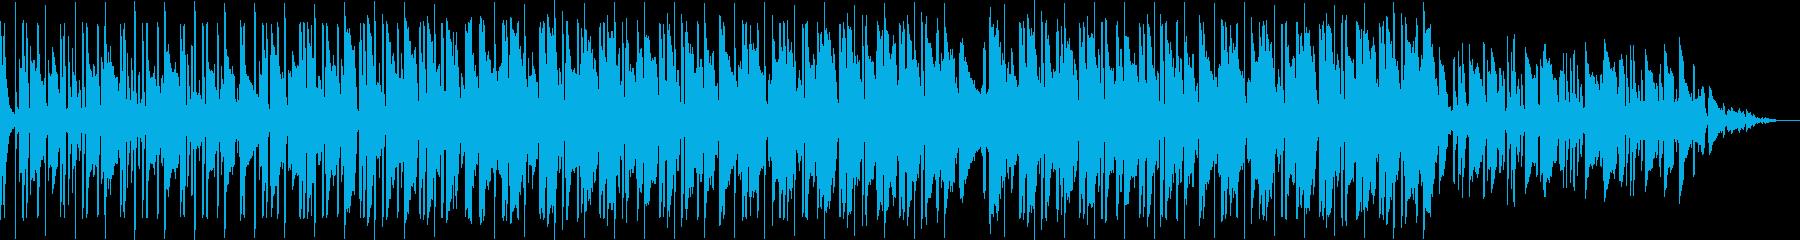 夜の街 ベース lo-fiの再生済みの波形